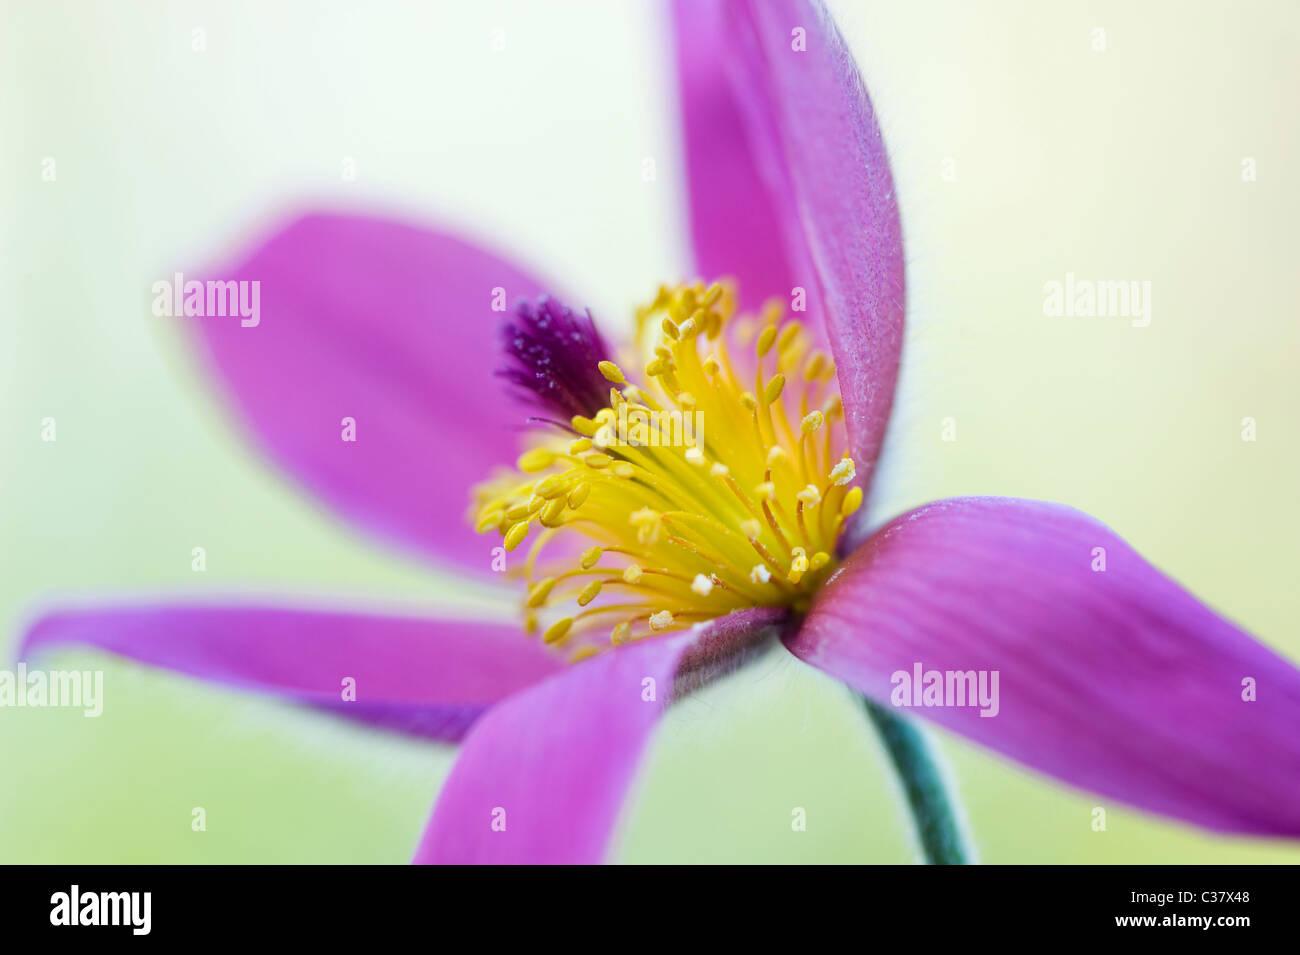 Einem einzigen lila Blume Kopf von Pulsatilla Vulgaris - Kuhschelle, Küchenschelle Stockbild